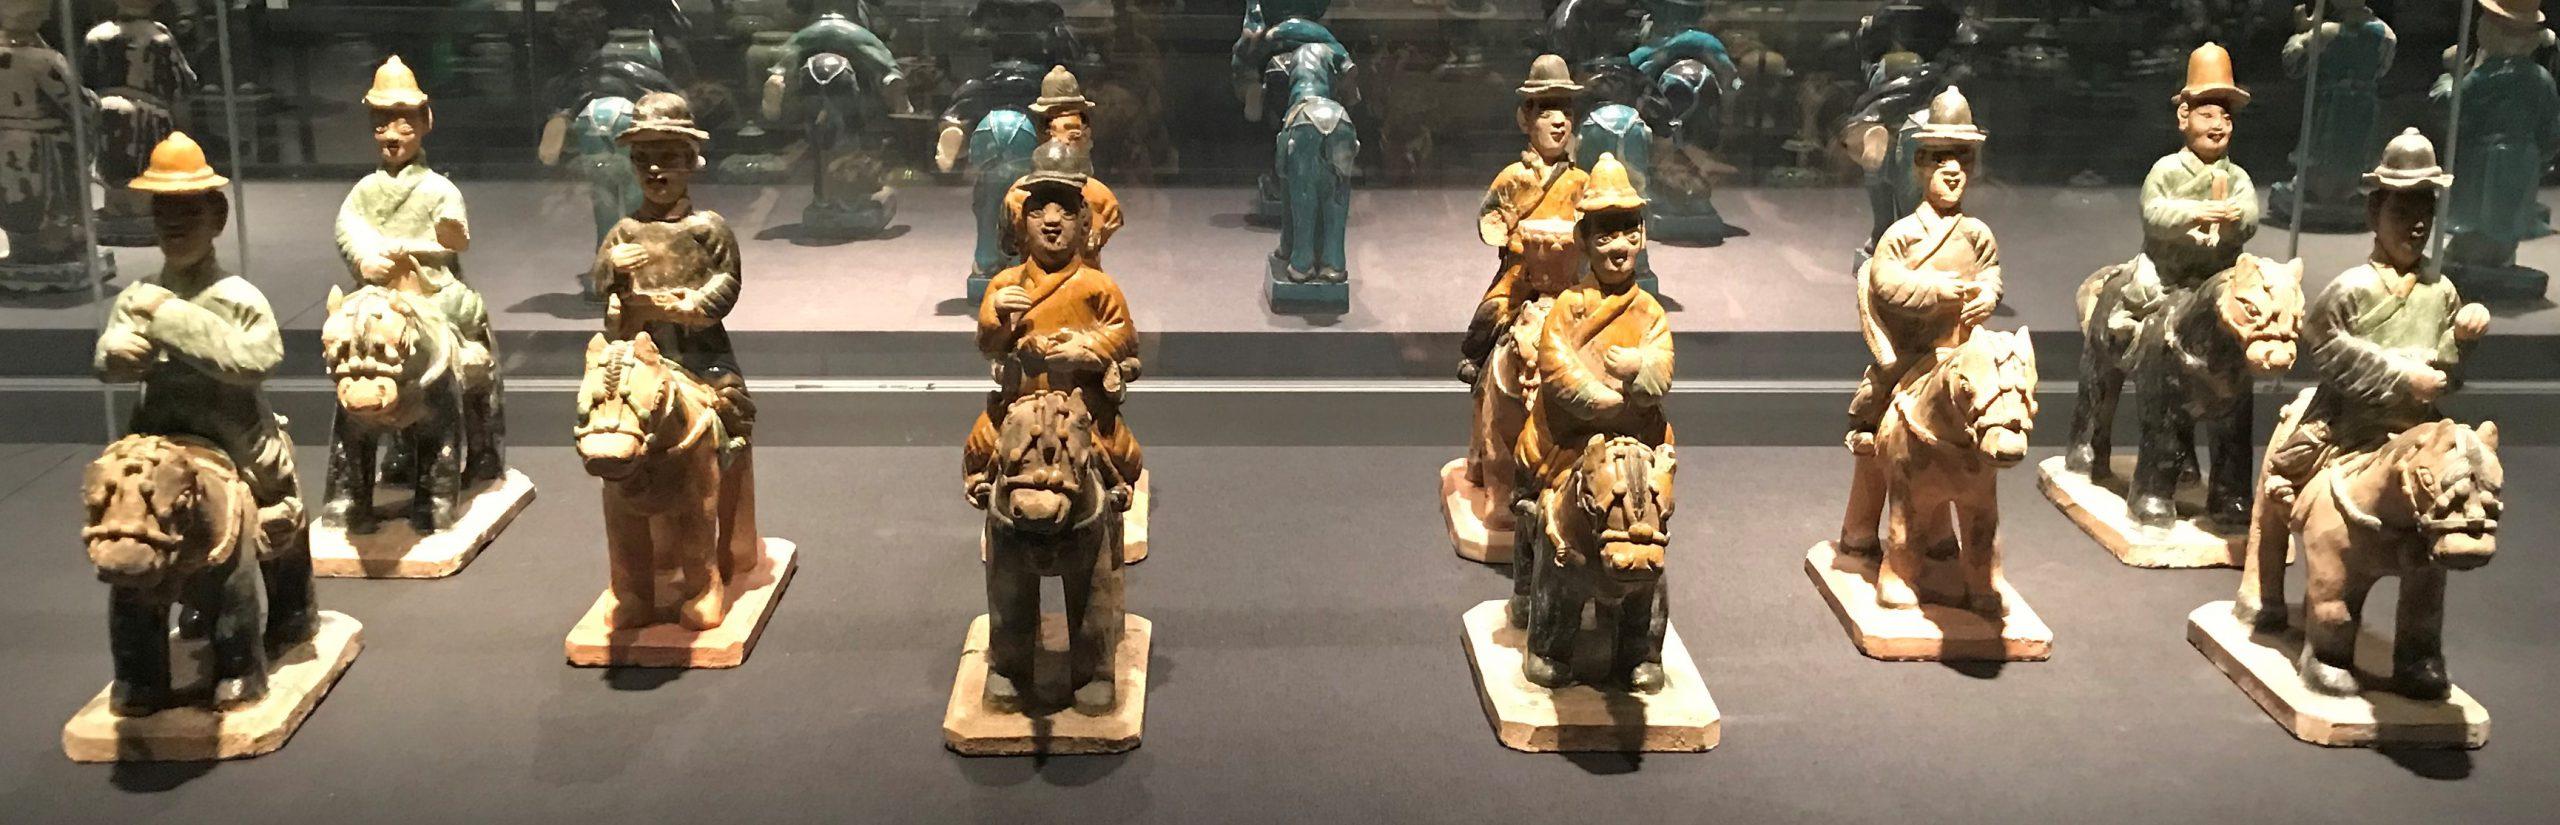 彩釉陶騎馬儀仗俑1-彩釉陶馬-明清時代-常設展F3-成都博物館